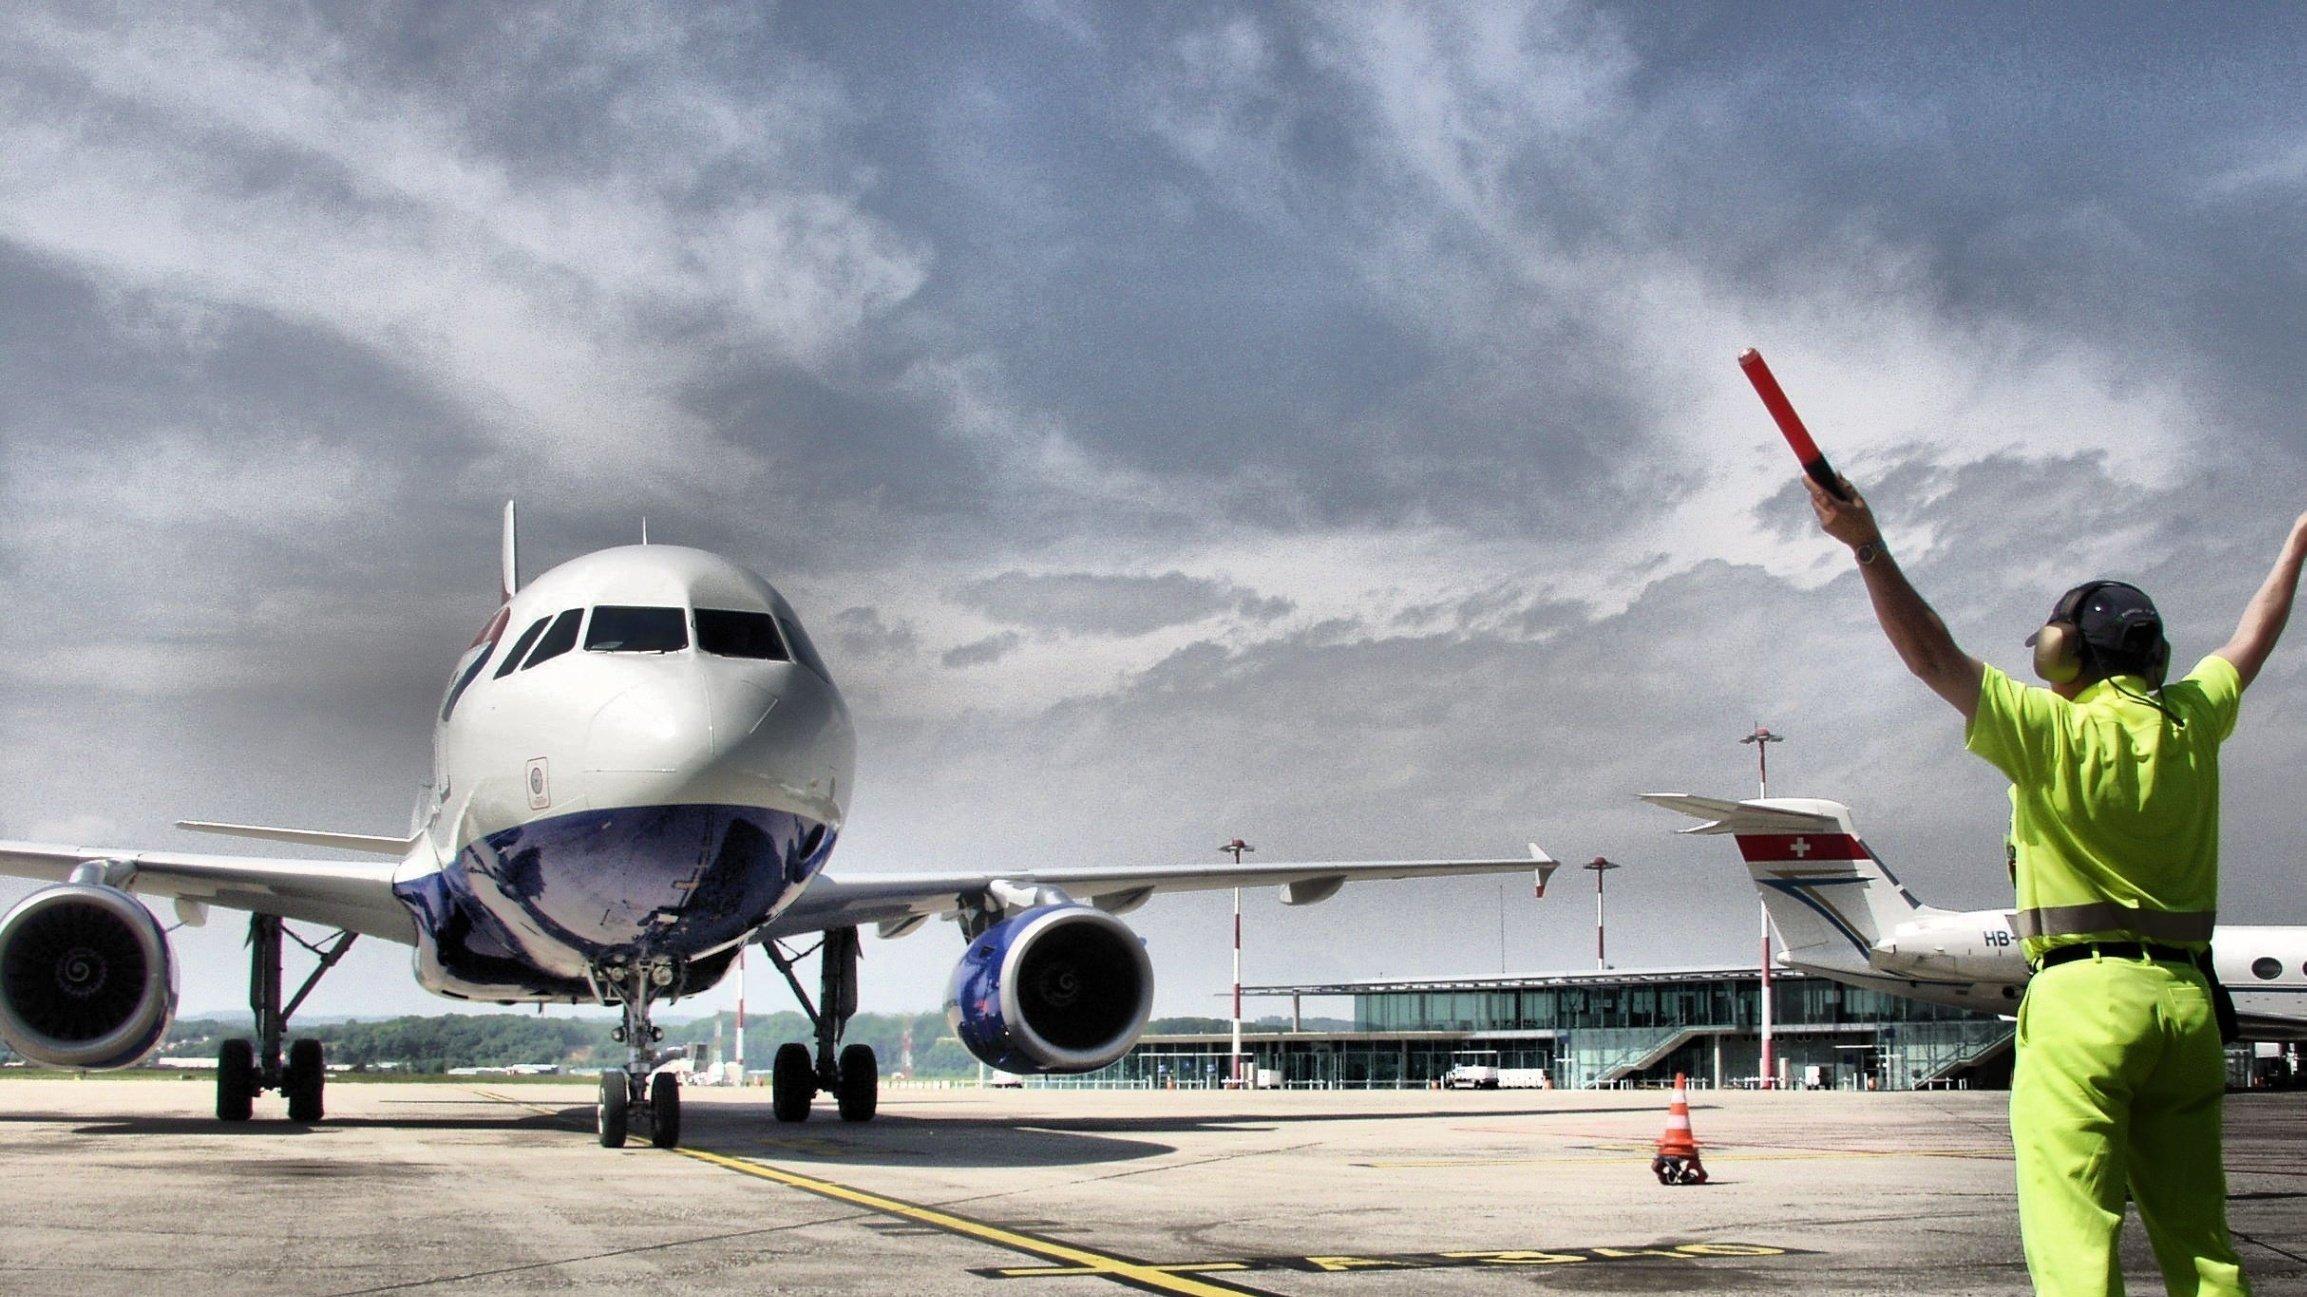 Ein Mitarbeiter des Bodenpersonals hält Signalstäbe in die Höhe, um ein Flugzeug einzuweisen.